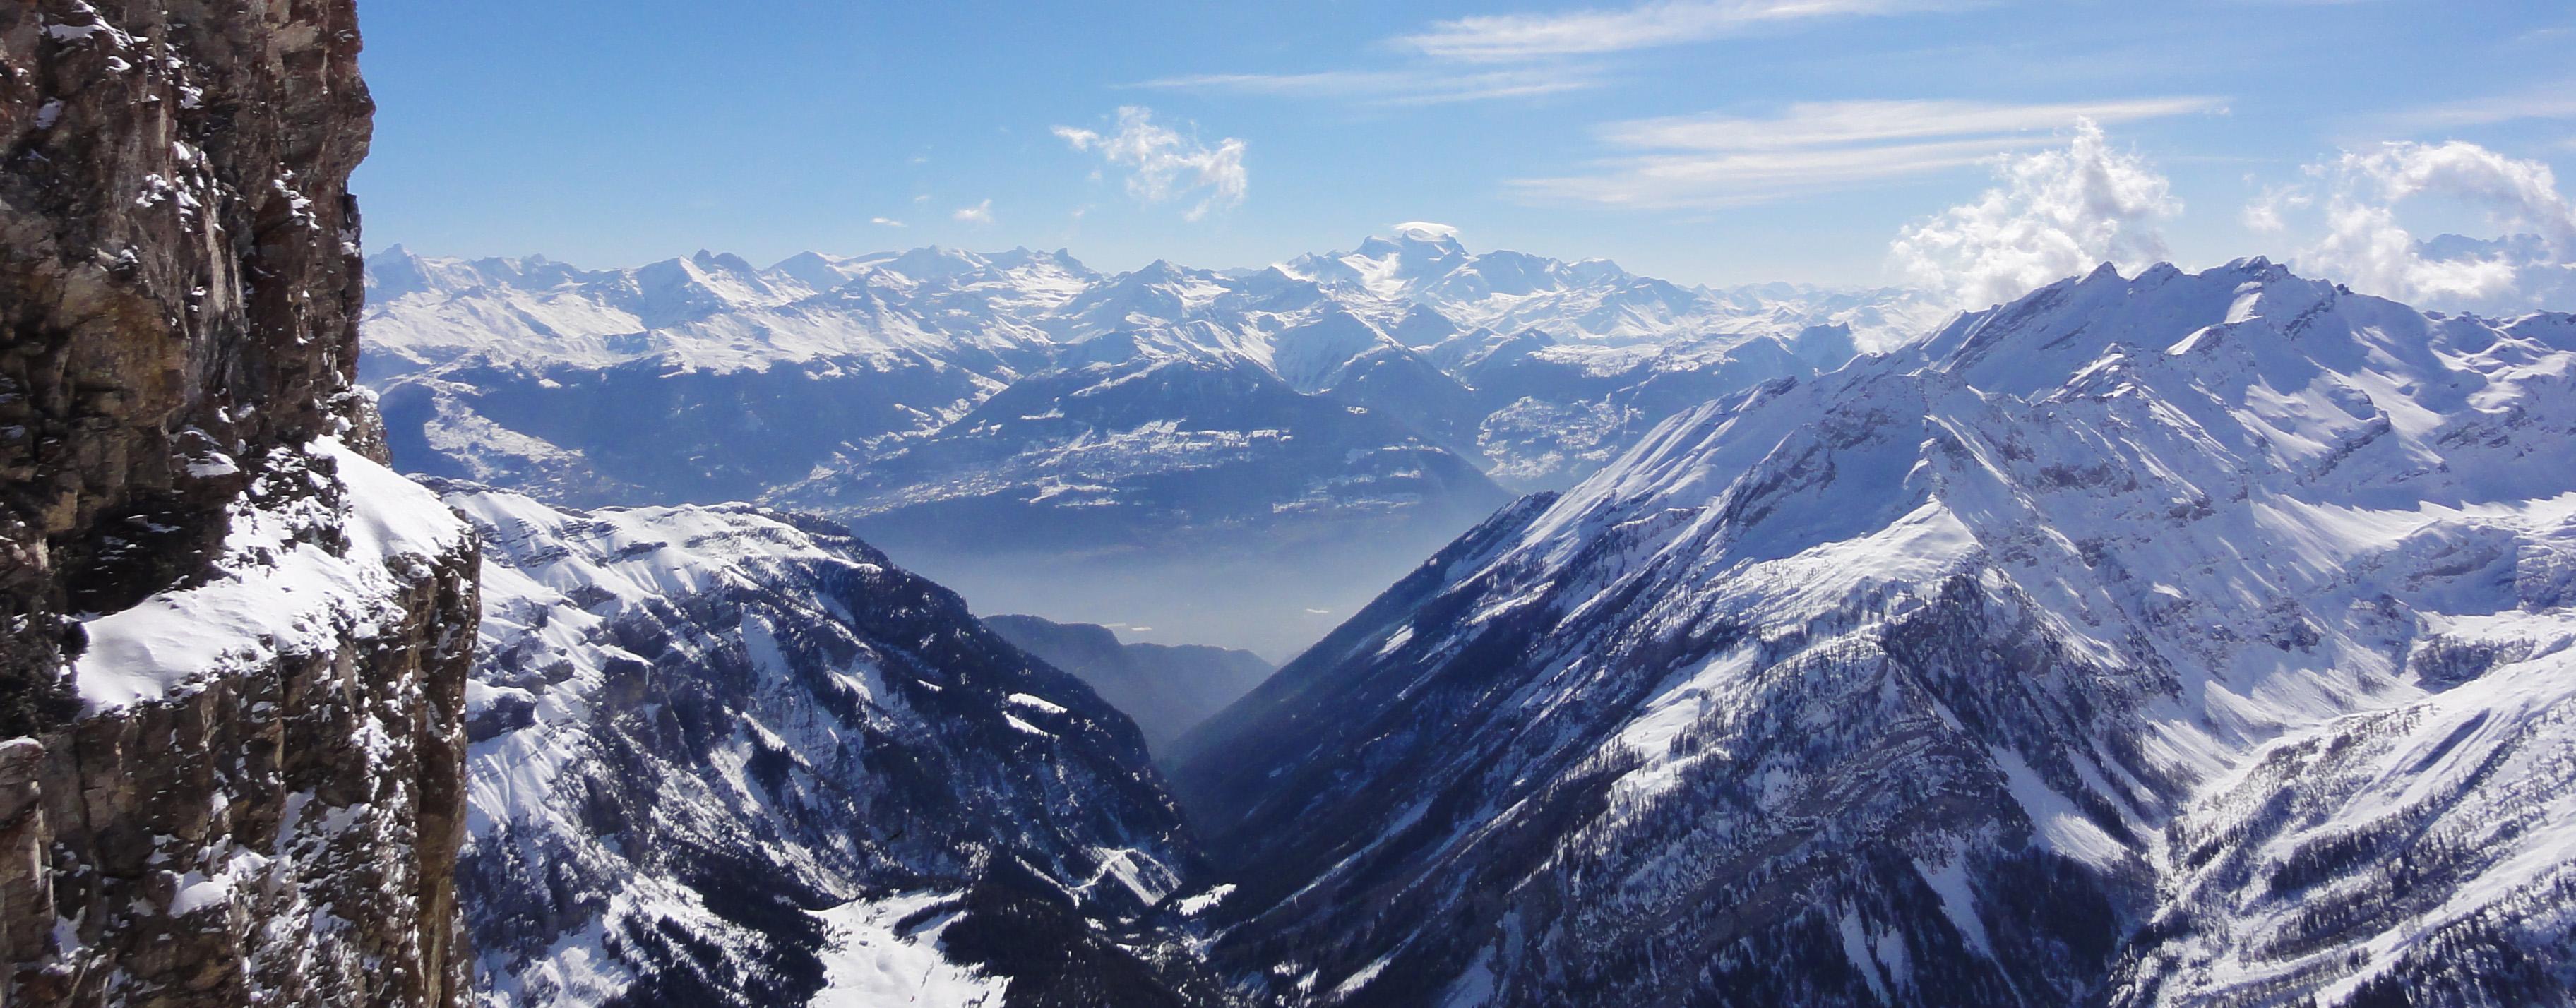 Горы Альпы Швейцария пейзажи природы Альберт Сафиуллин